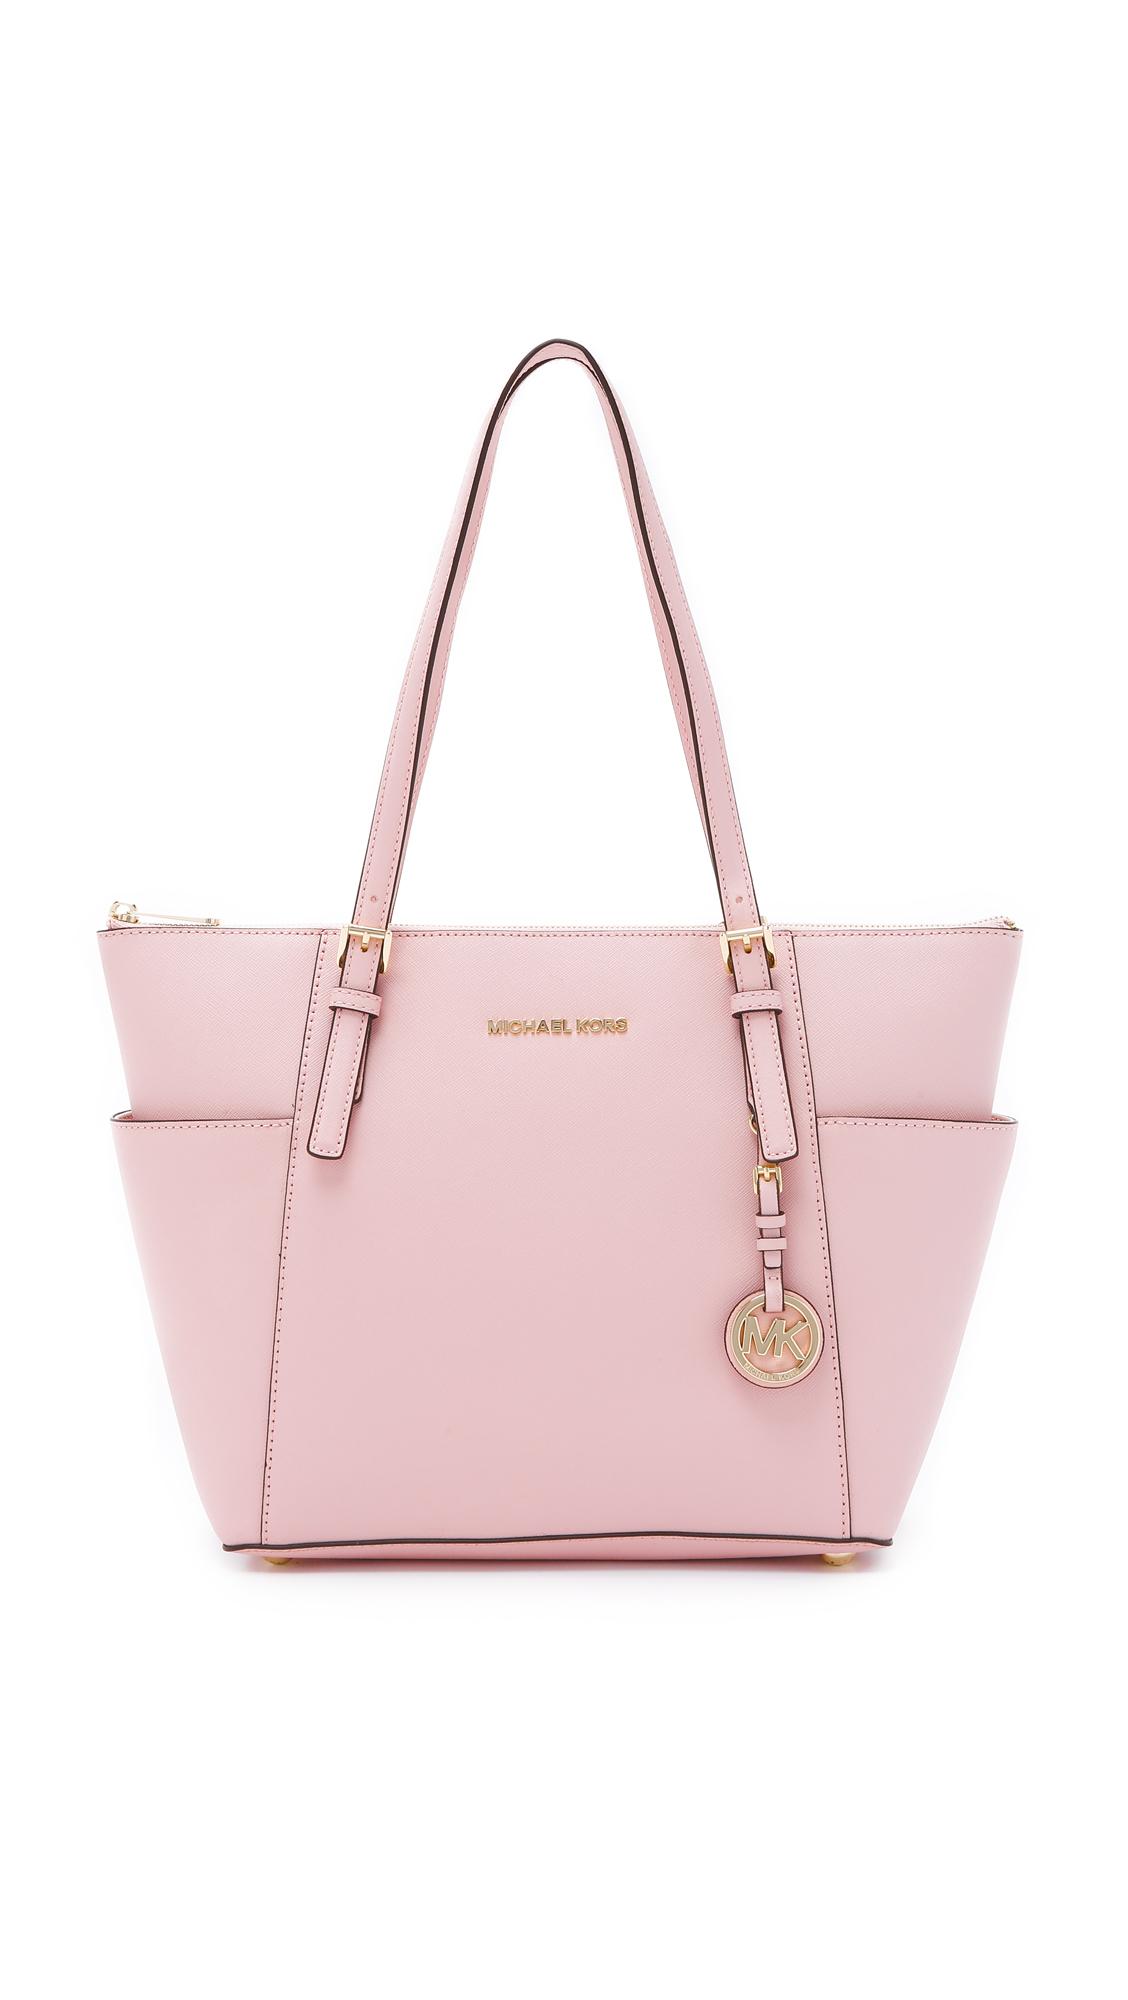 d4f500e14da6 MICHAEL Michael Kors Jet Set Top-zip Saffiano Tote Bag in Pink - Lyst